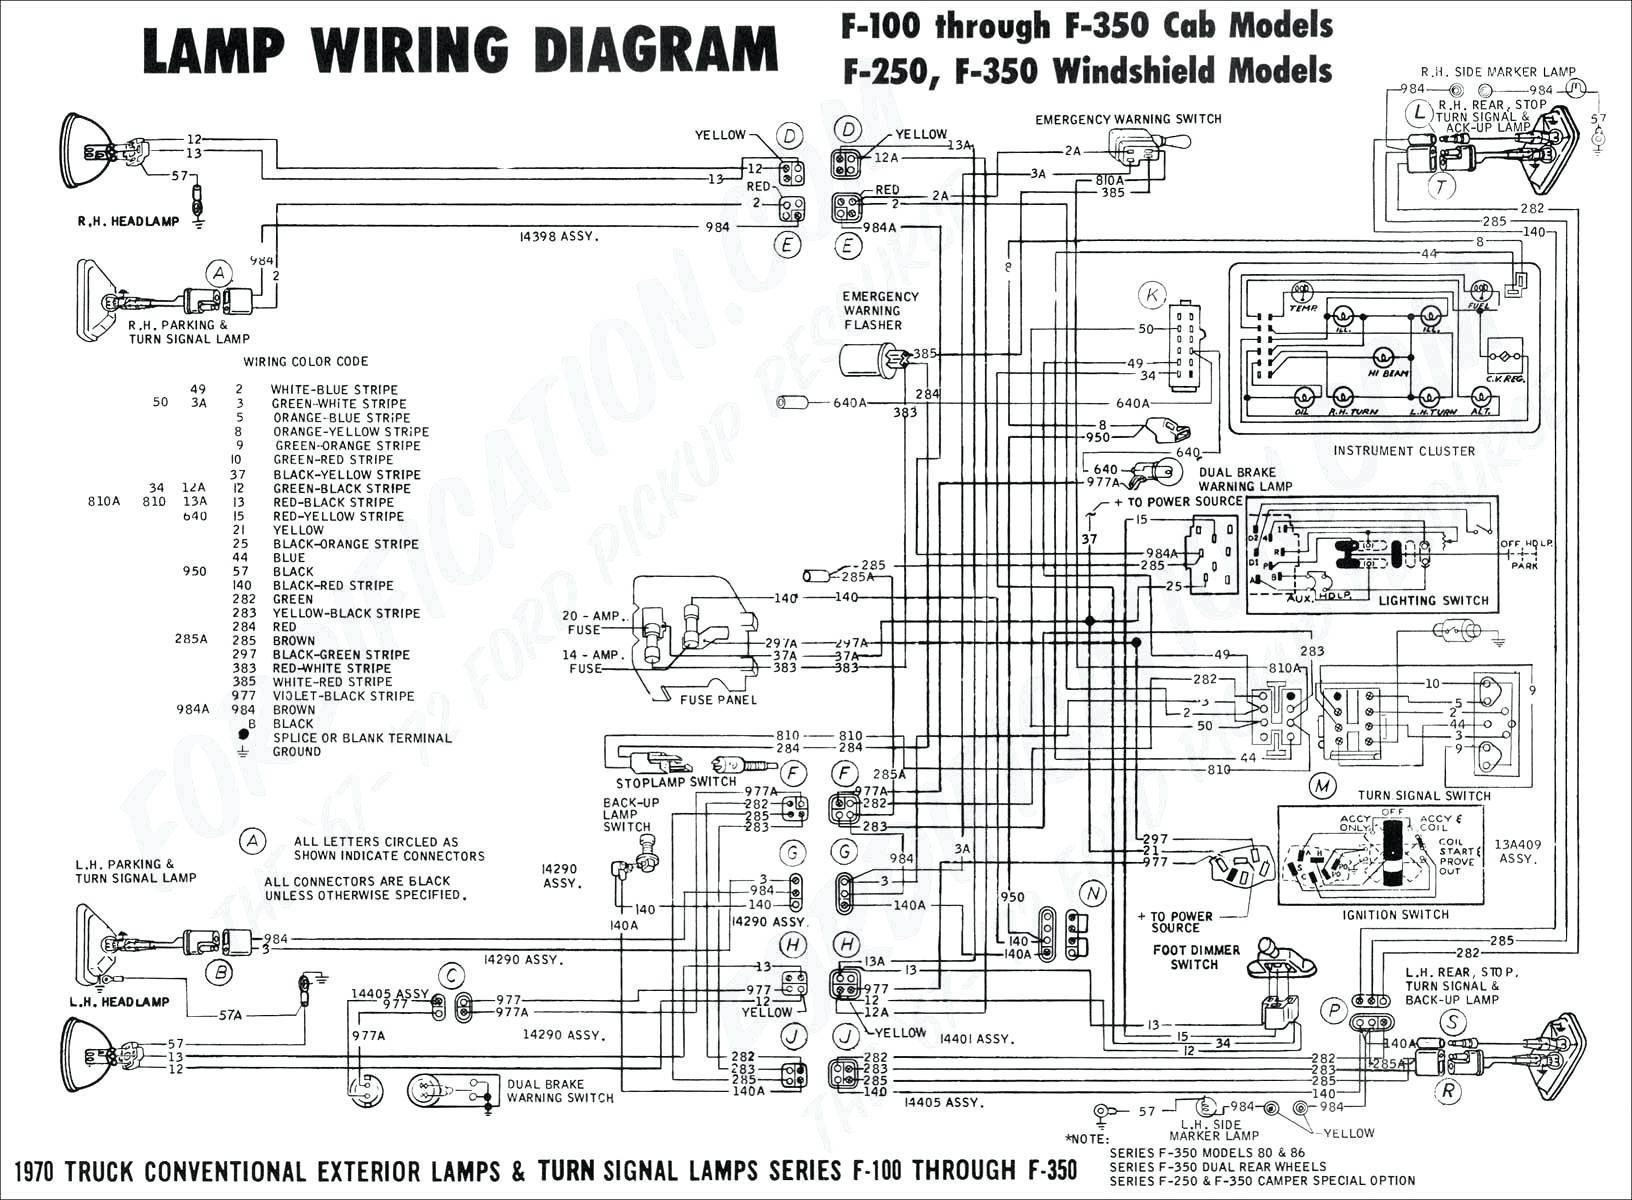 66 Block Wiring Diagram 2001 Mitsubishi Eclipse Wiring Diagram Shahsramblings Of 66 Block Wiring Diagram